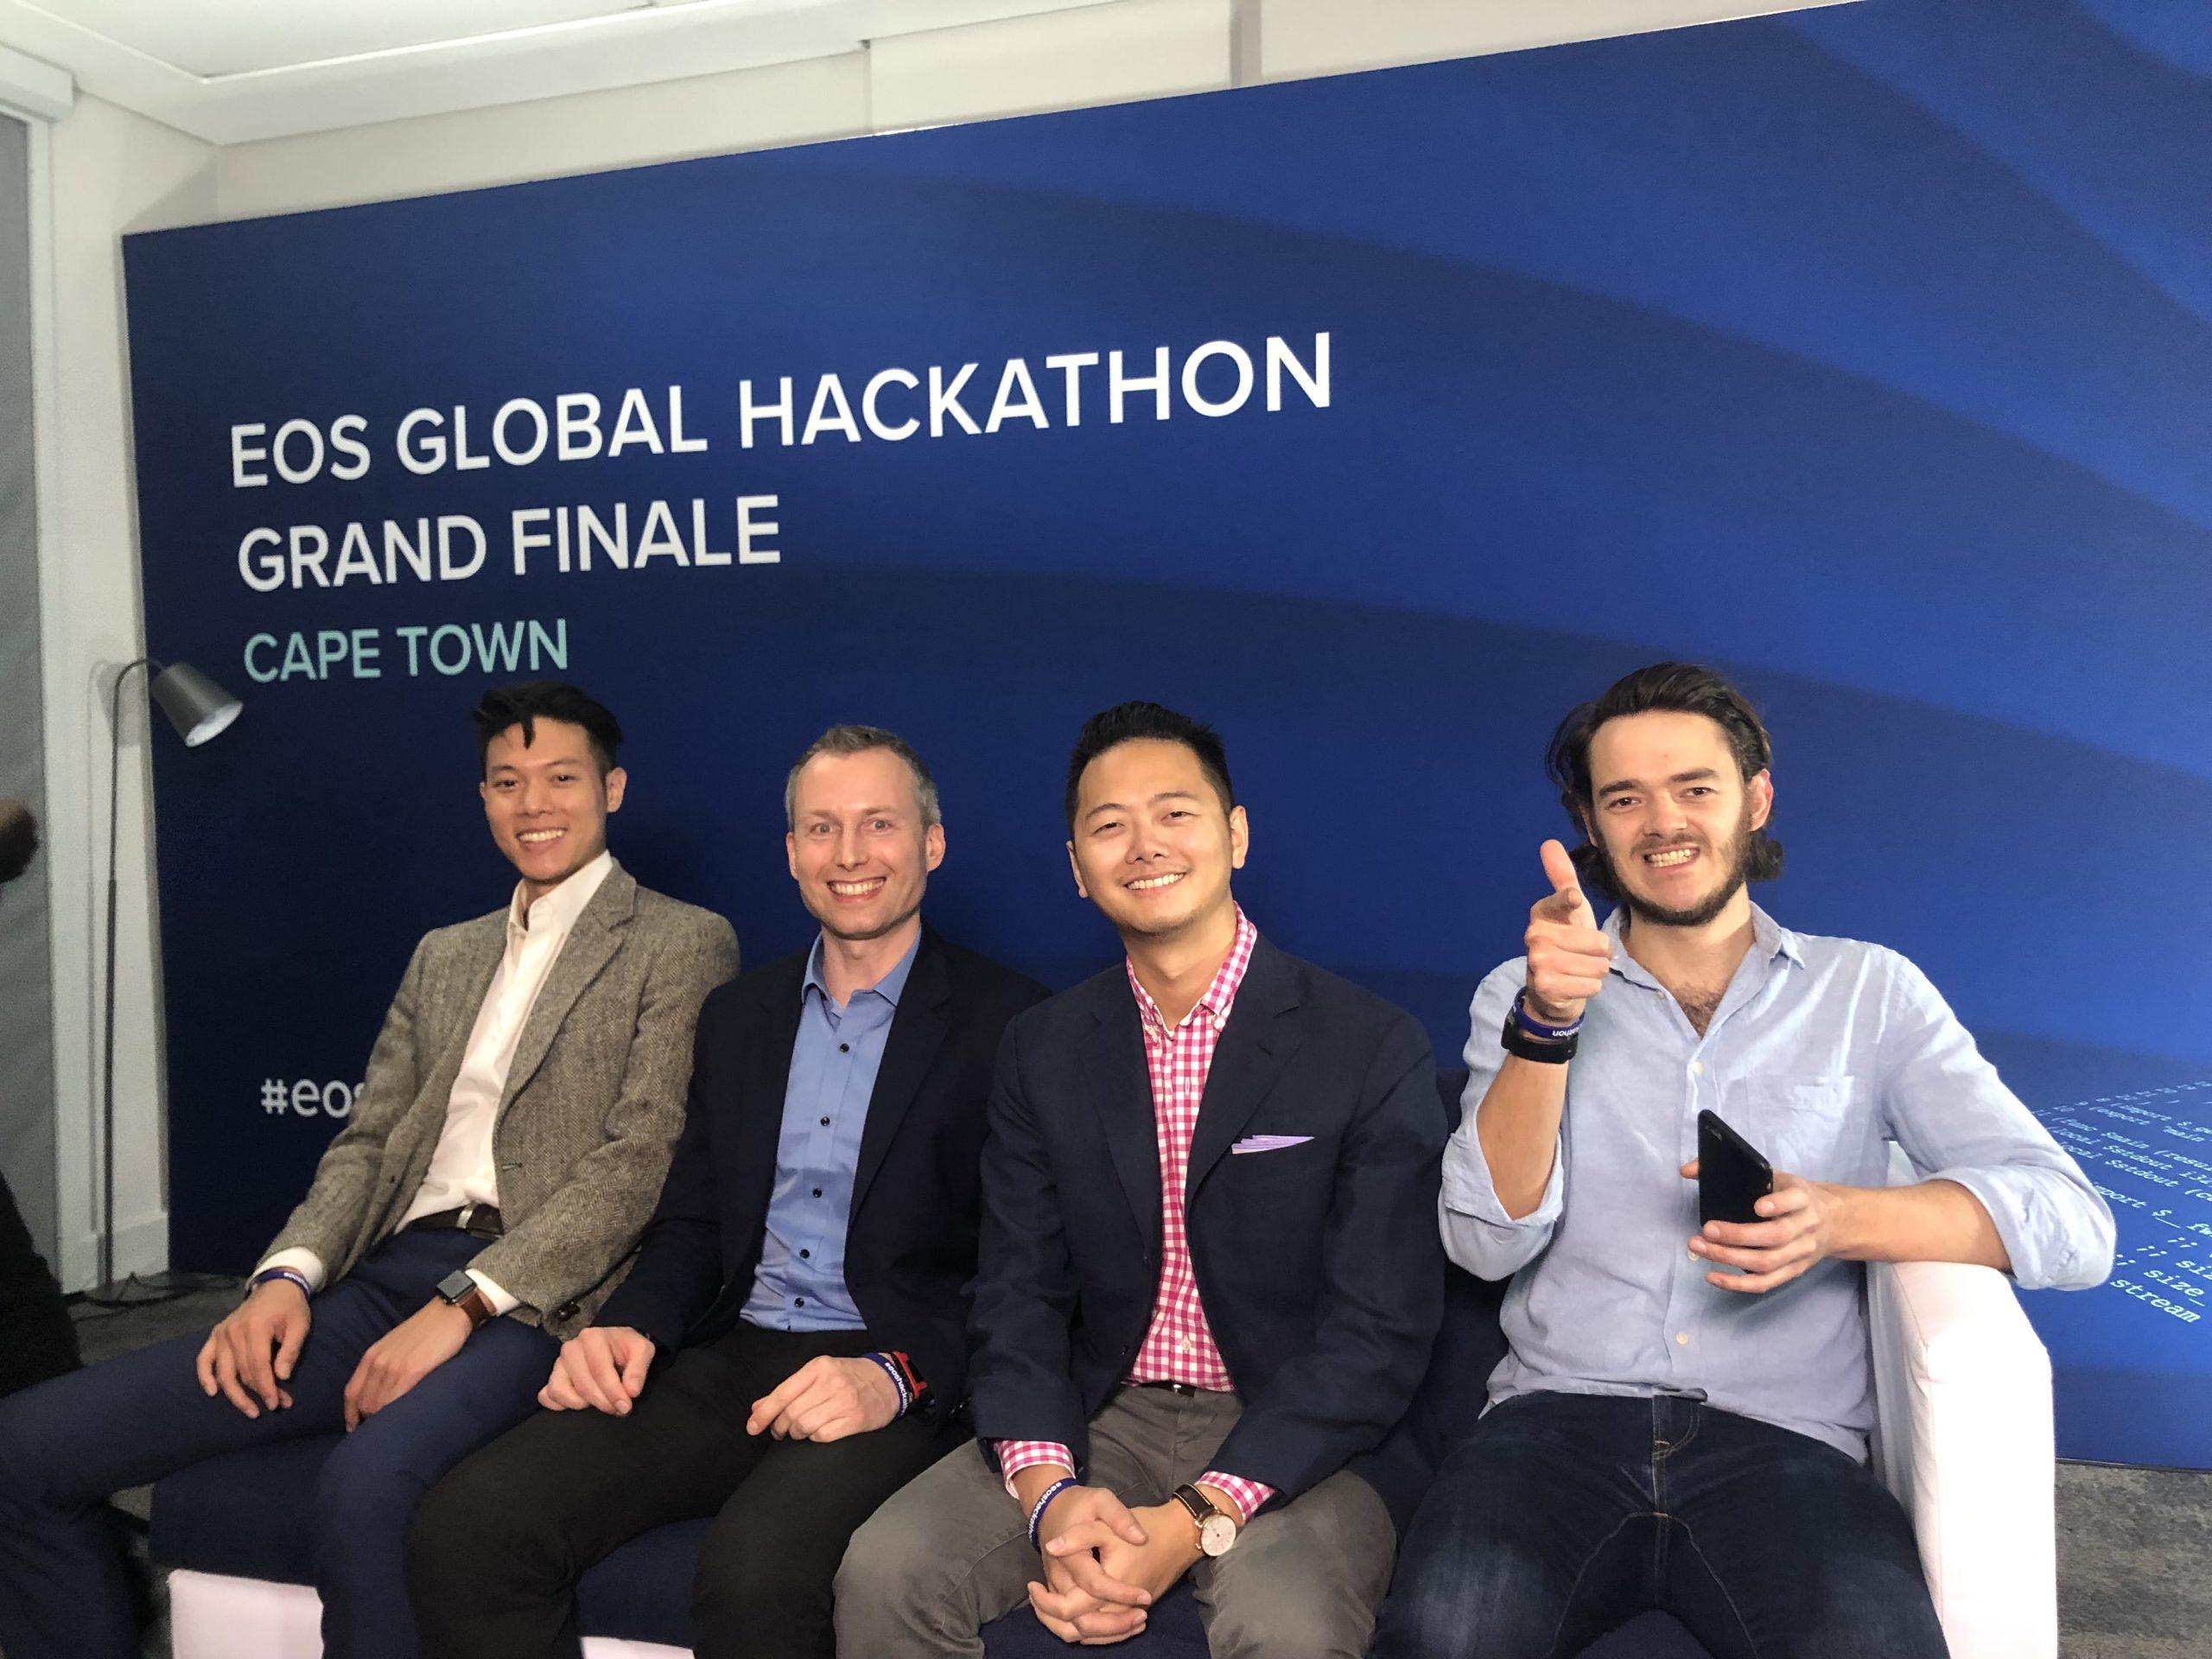 The GeneOS team (left to right): Benjamin Tse, Jens Elstner, Albert Chen, Jay Bowles